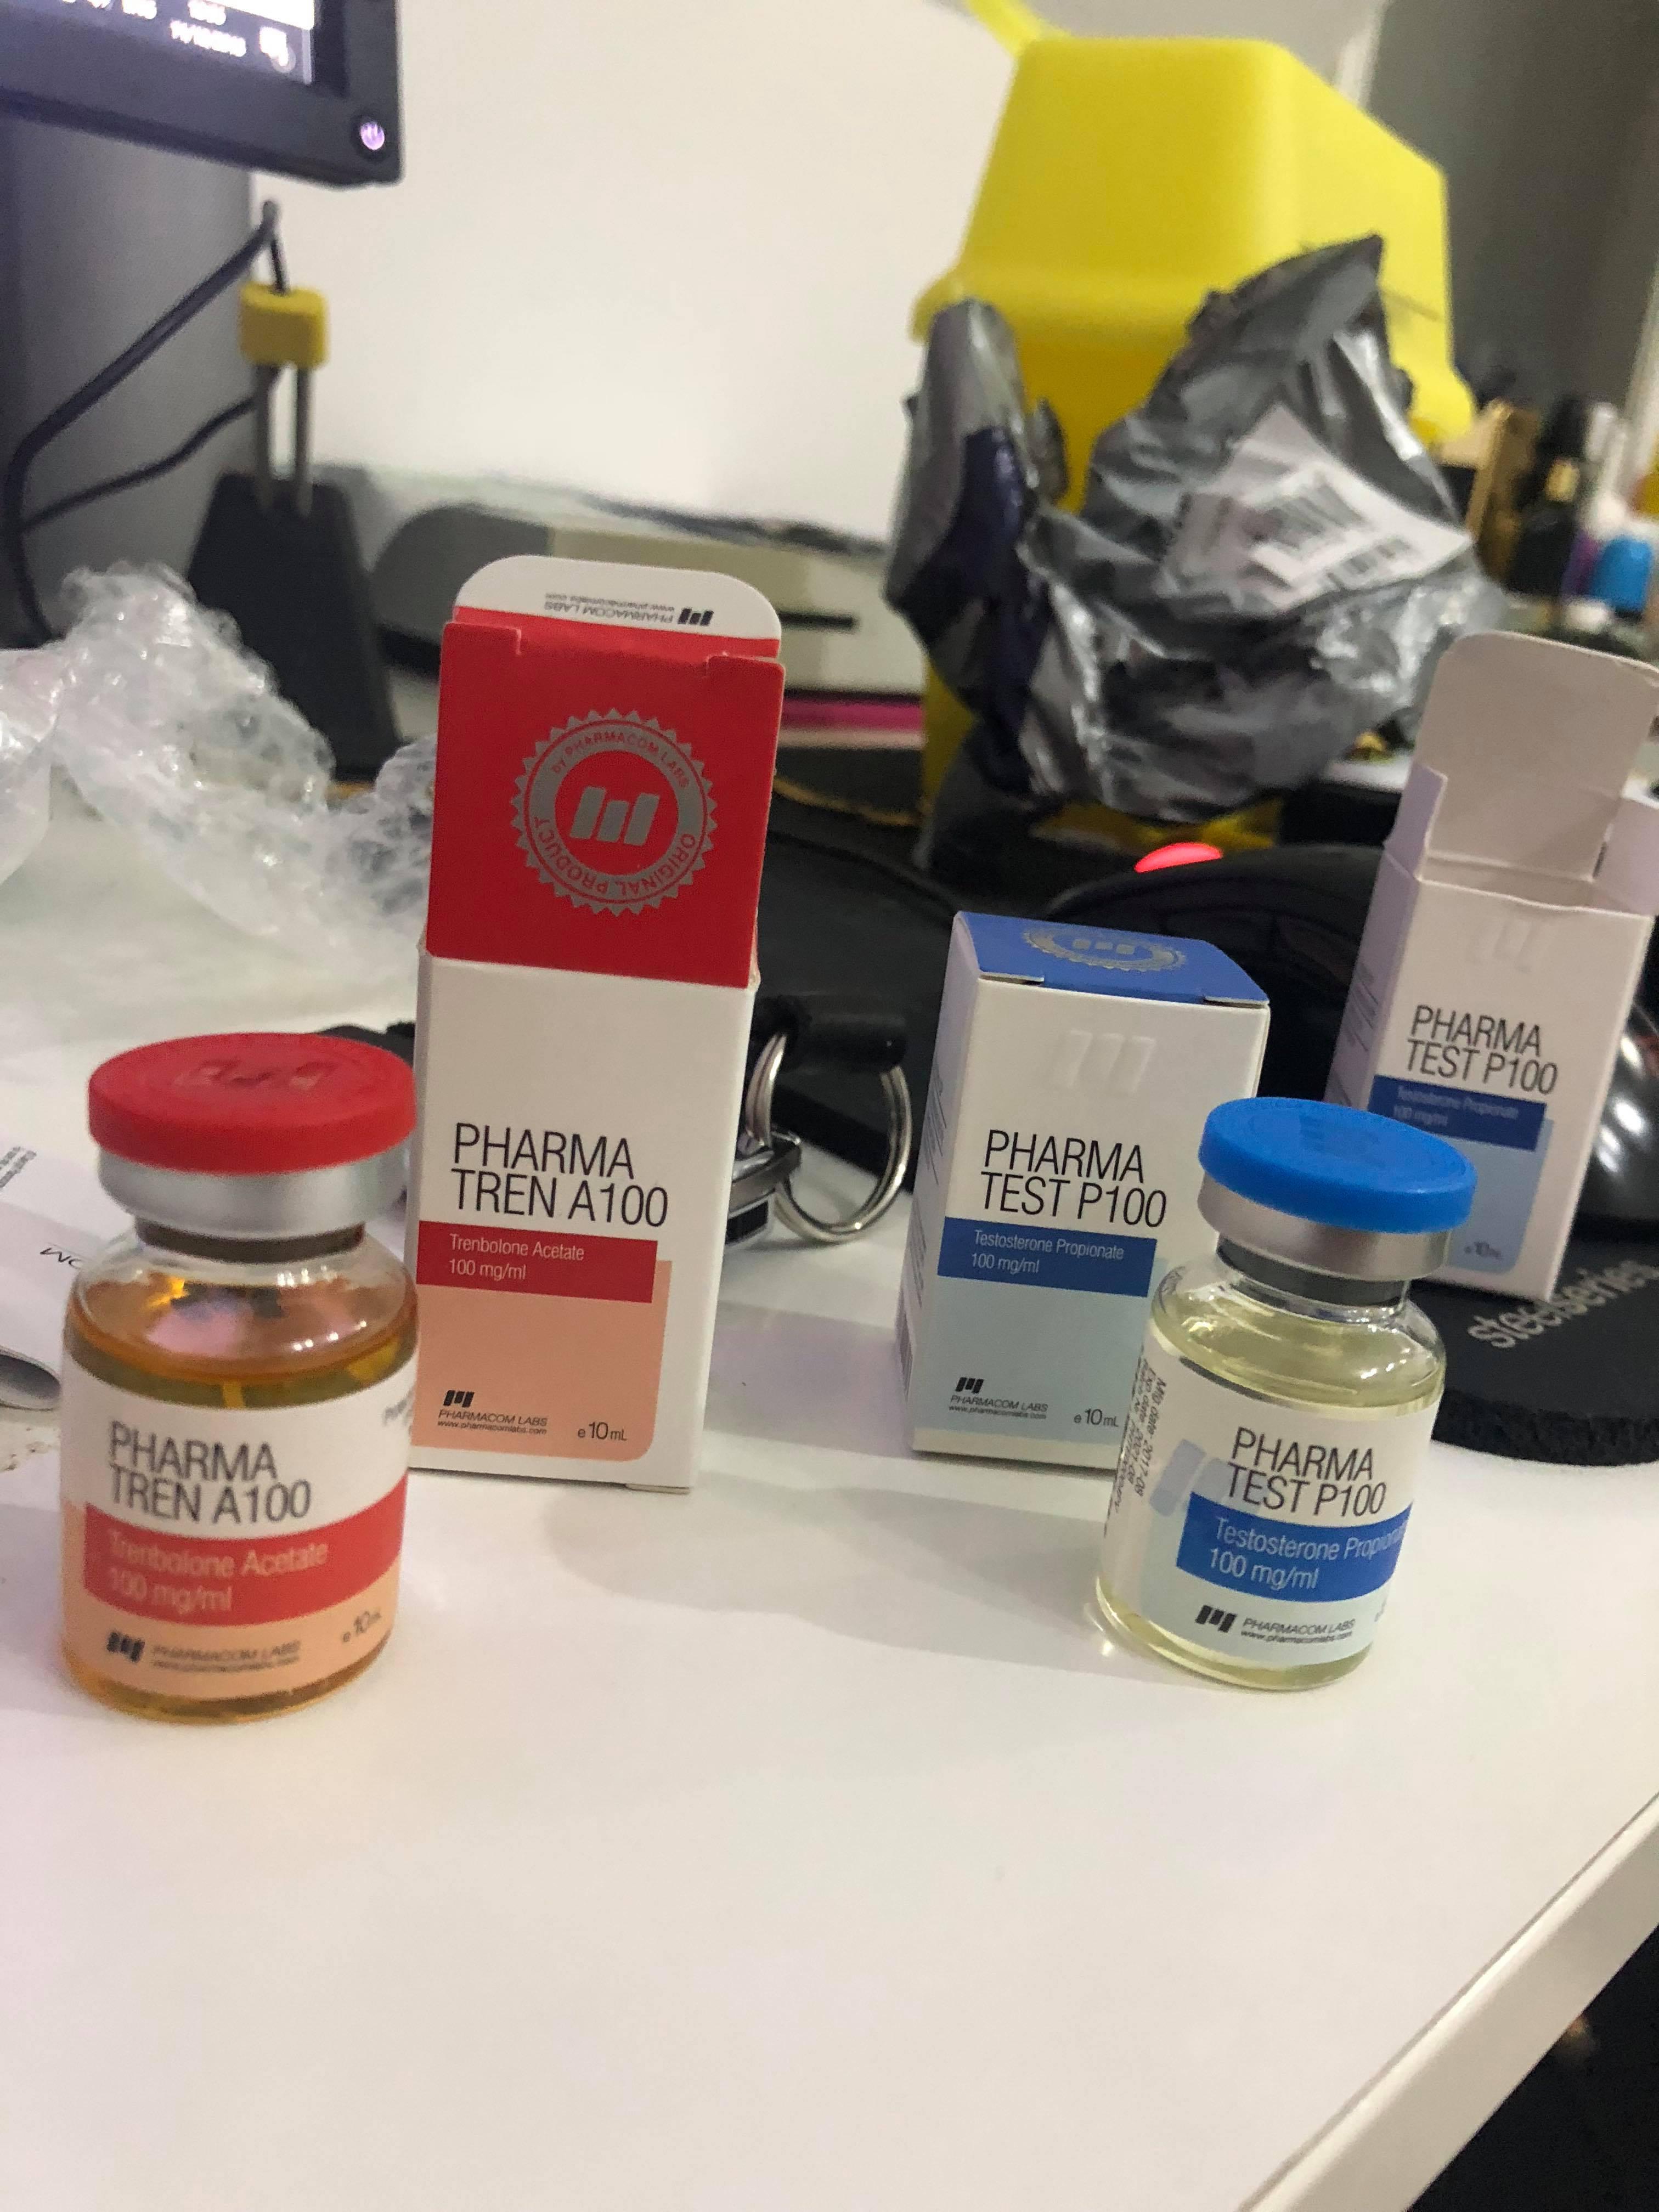 Pharmacom Tren A + Test P